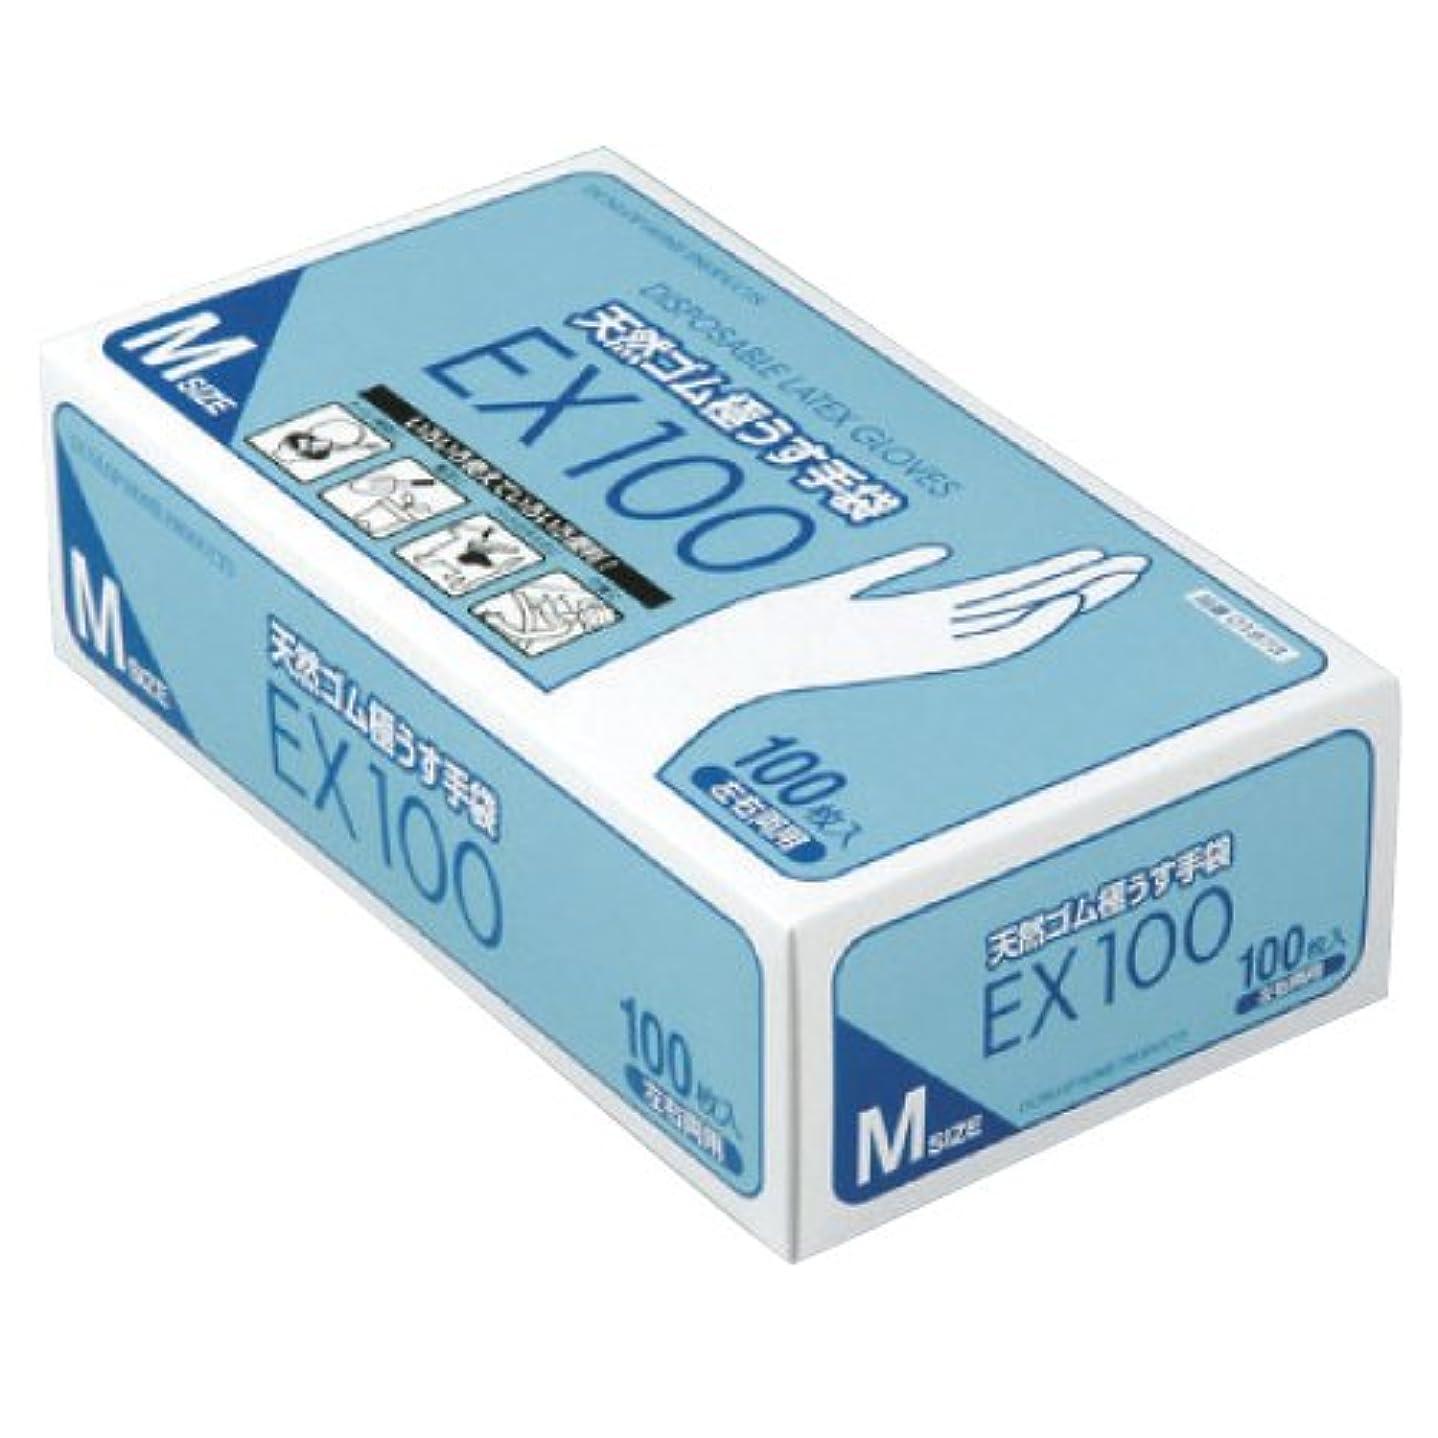 ようこそ全く雑品ダンロップホームプロダクツ 天然ゴム極うす手袋EX100 07620(M)100マイイリ